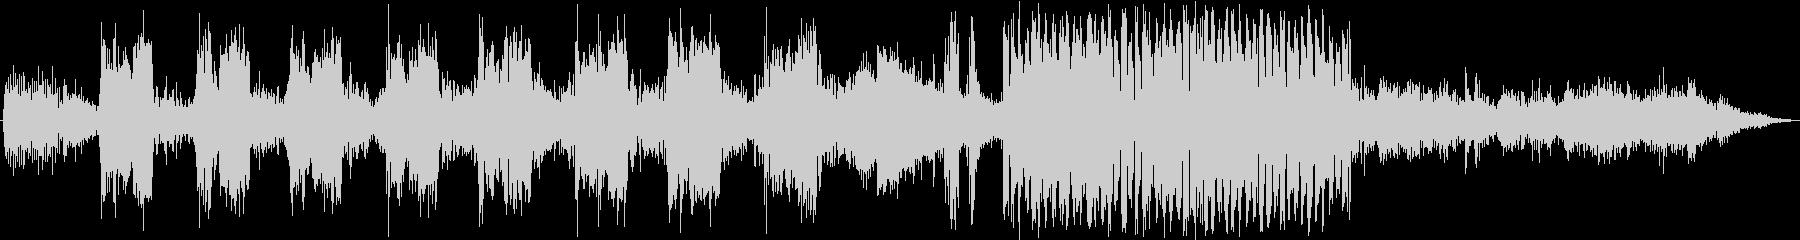 ラジオプロダクションシーン:ロボッ...の未再生の波形